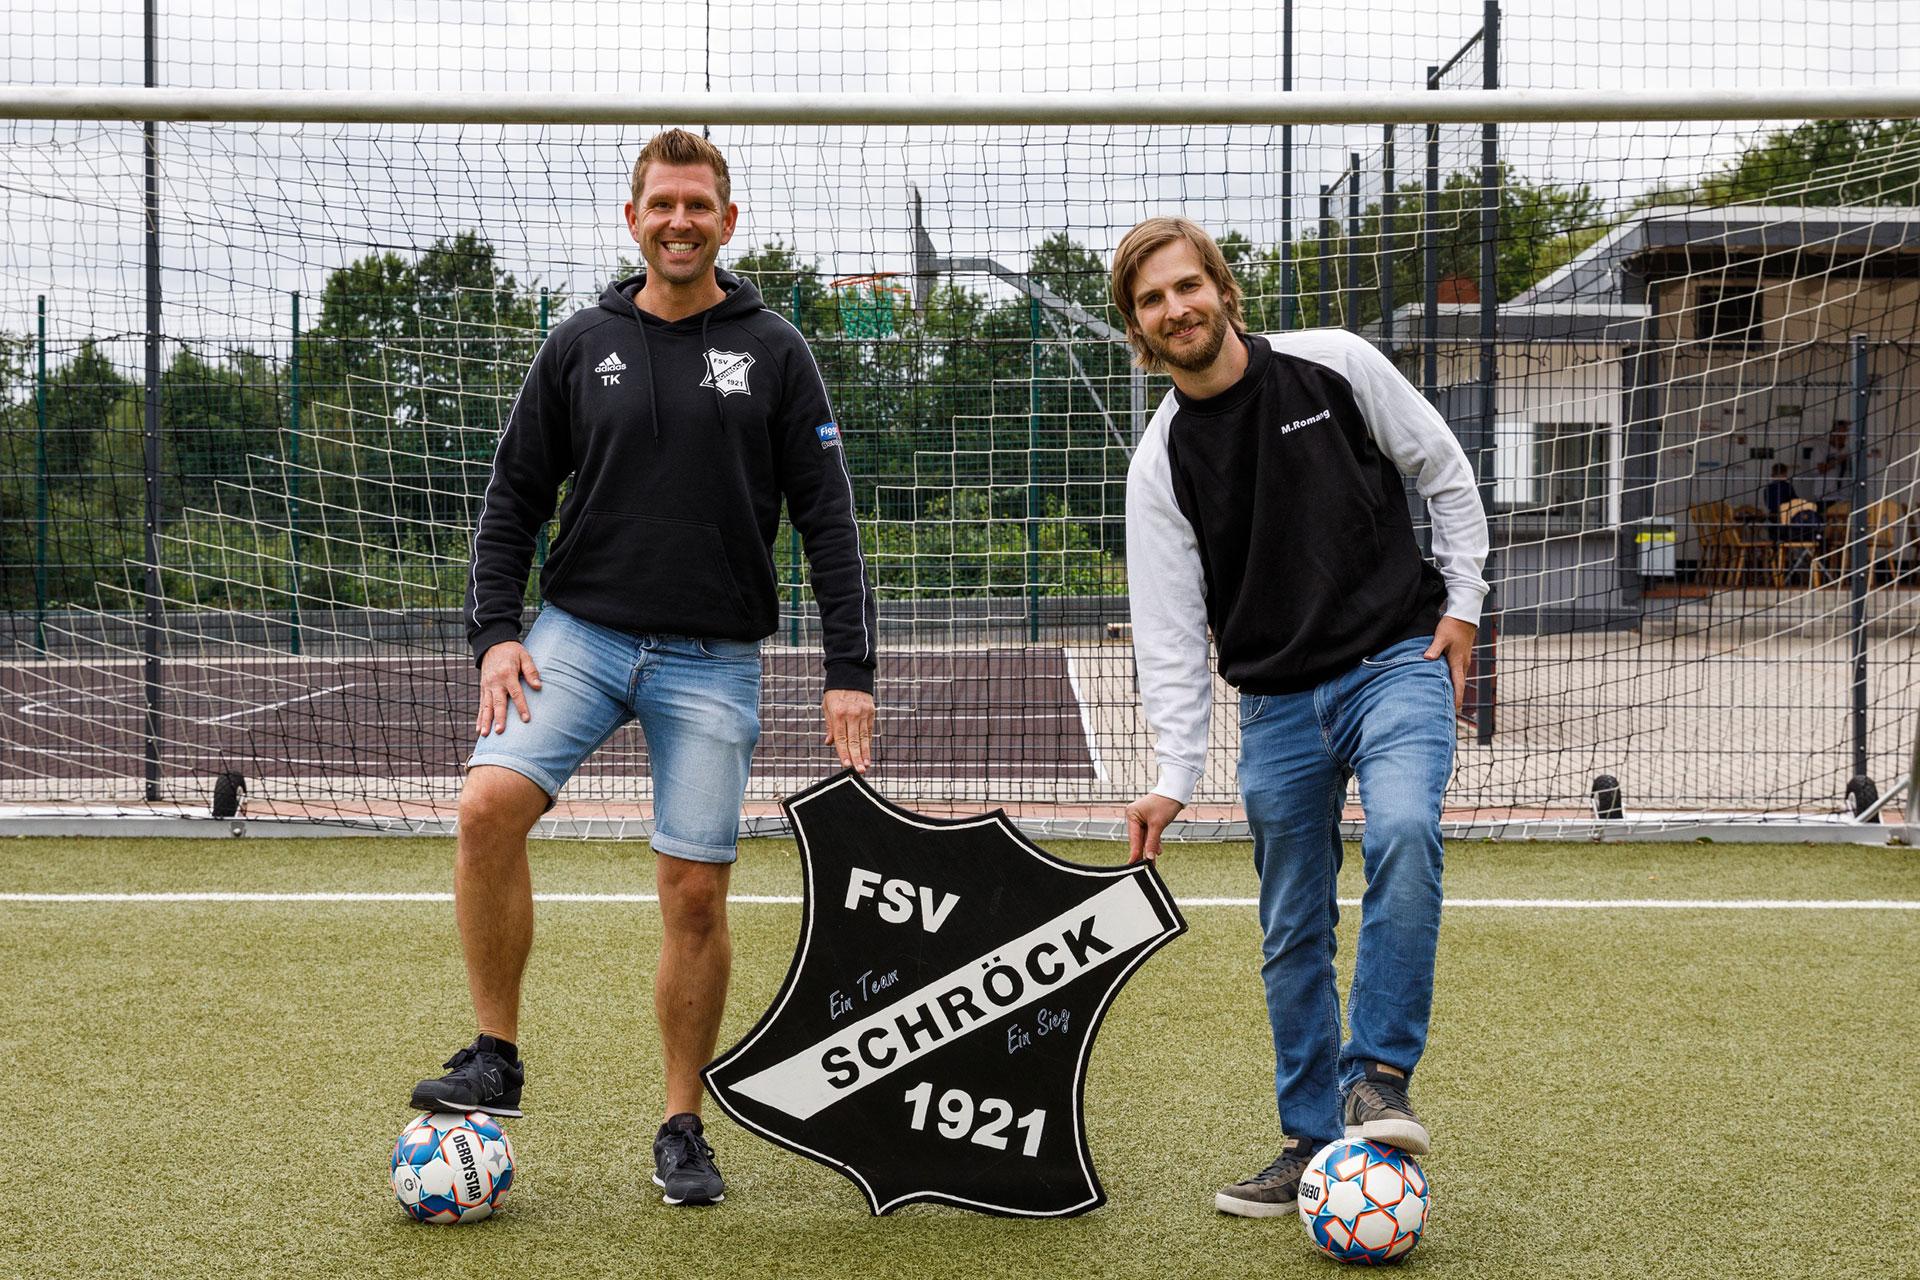 Thomas Kniepper & Moritz Romang